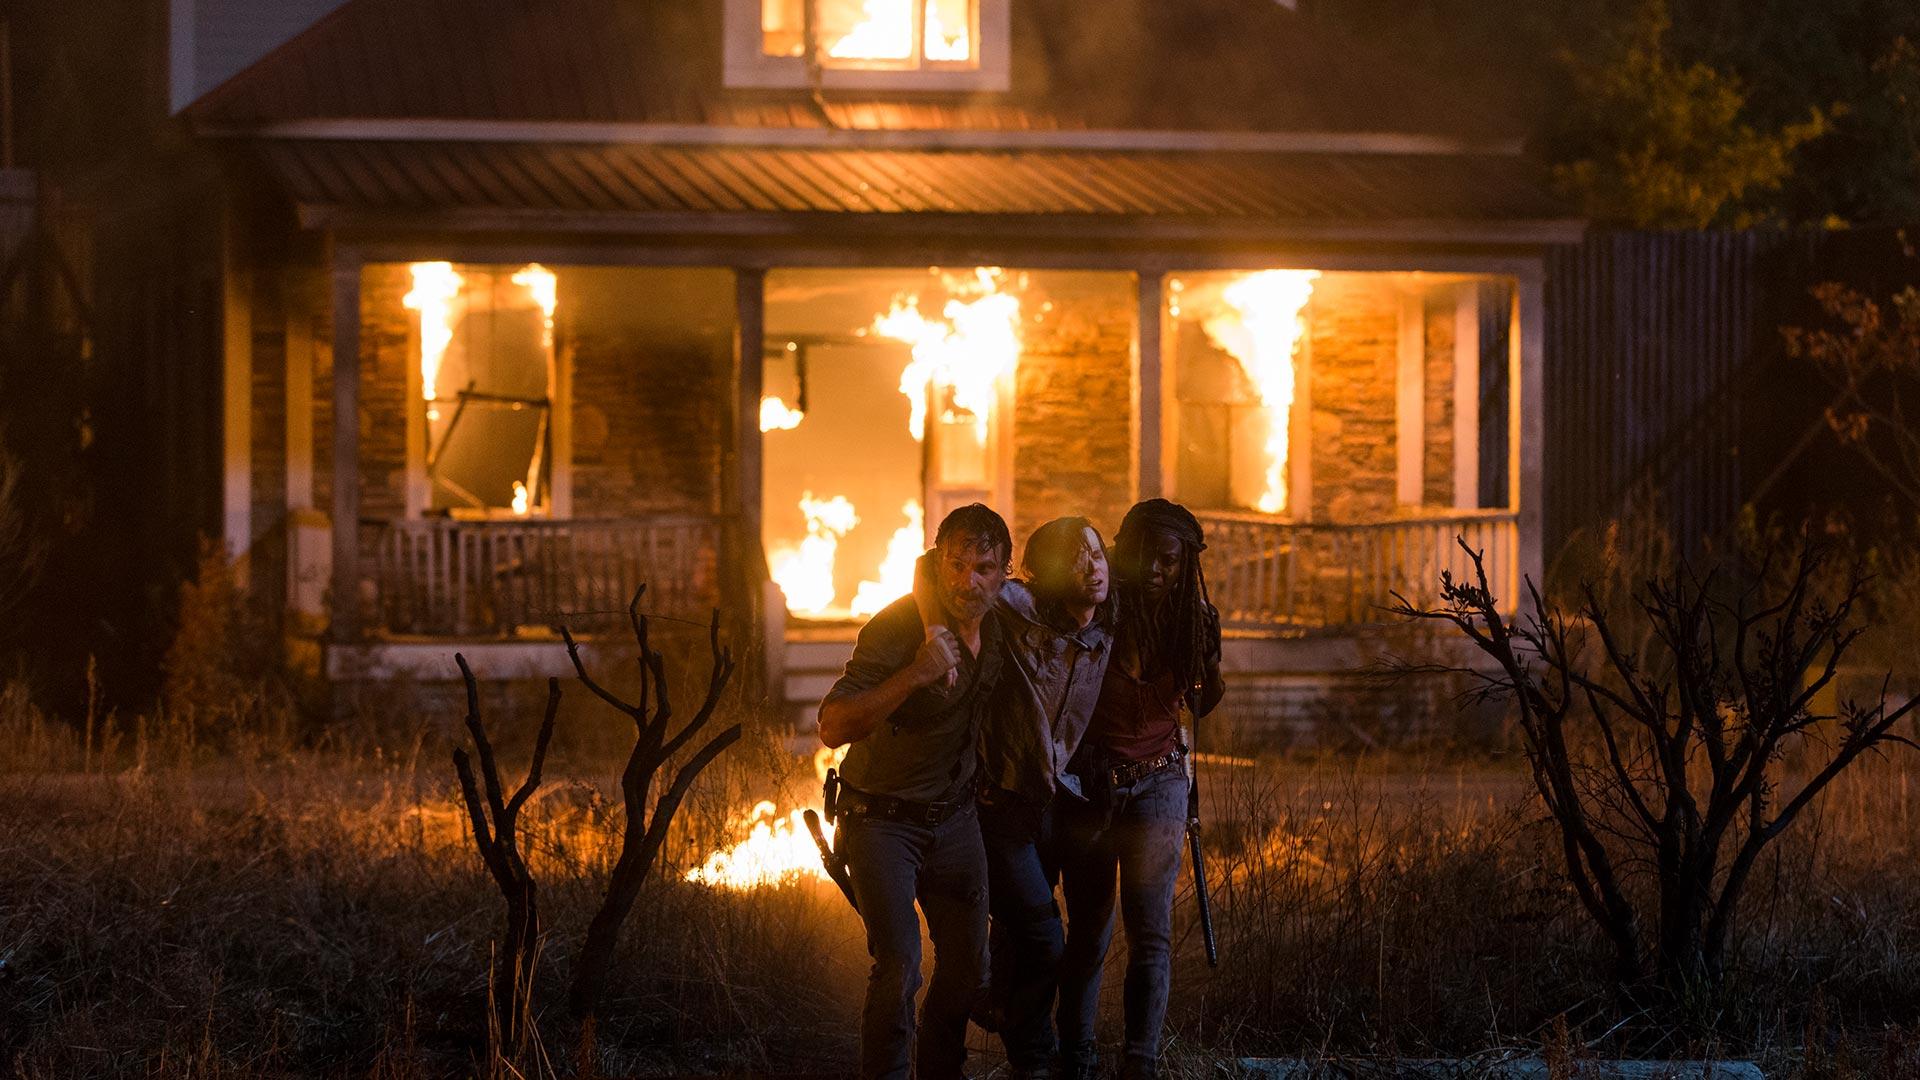 Lịch phát sóng, Lịch chiếu The Walking Dead – Xác sống mùa 8